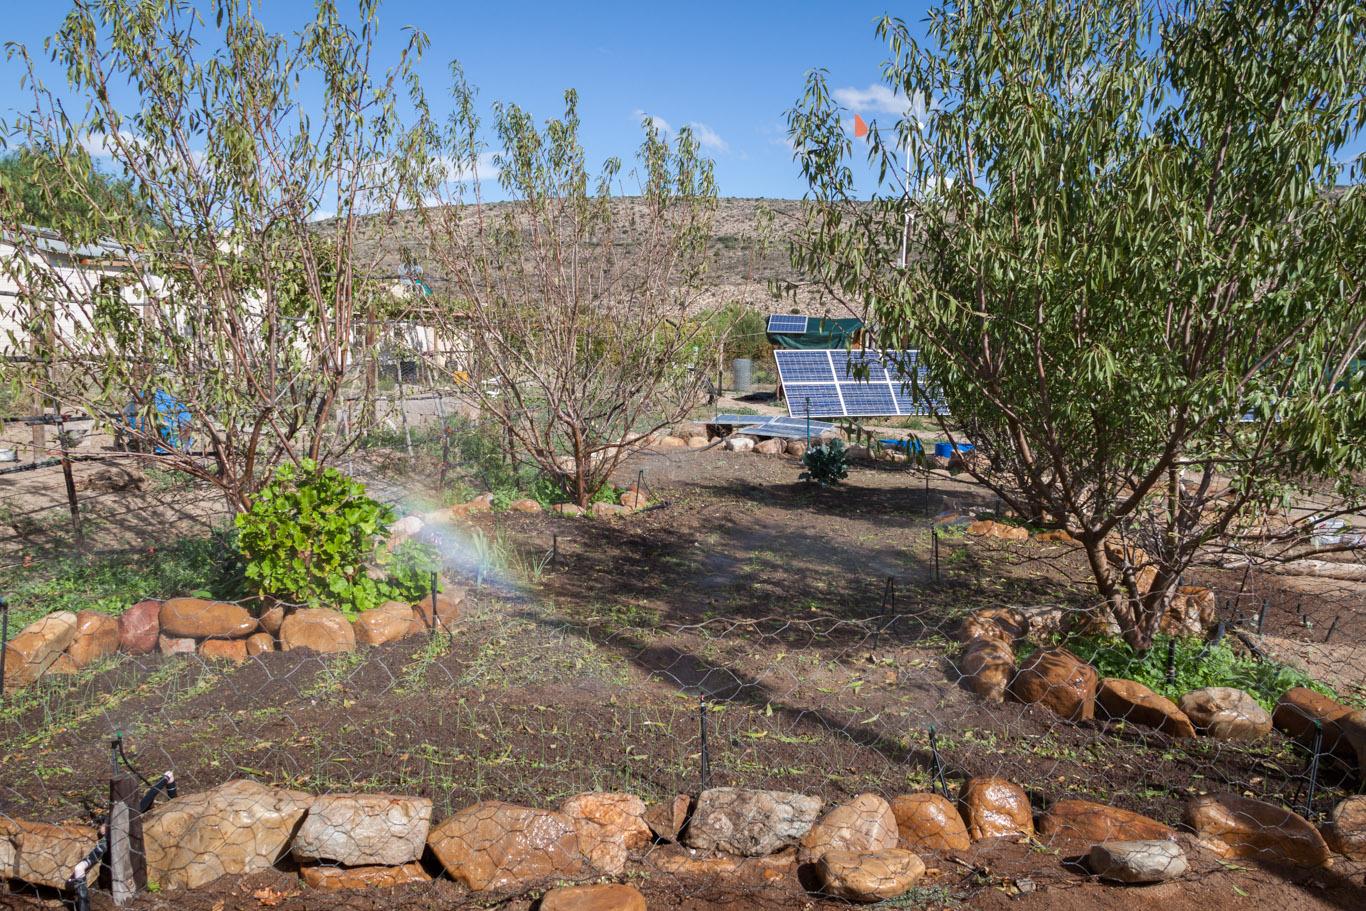 … Beete mit Bewässerung ausgestattet sowie unendlich viel gepflanzt. Die Farm war übrigens dank Solarpanelen und Windkraft komplett autark.